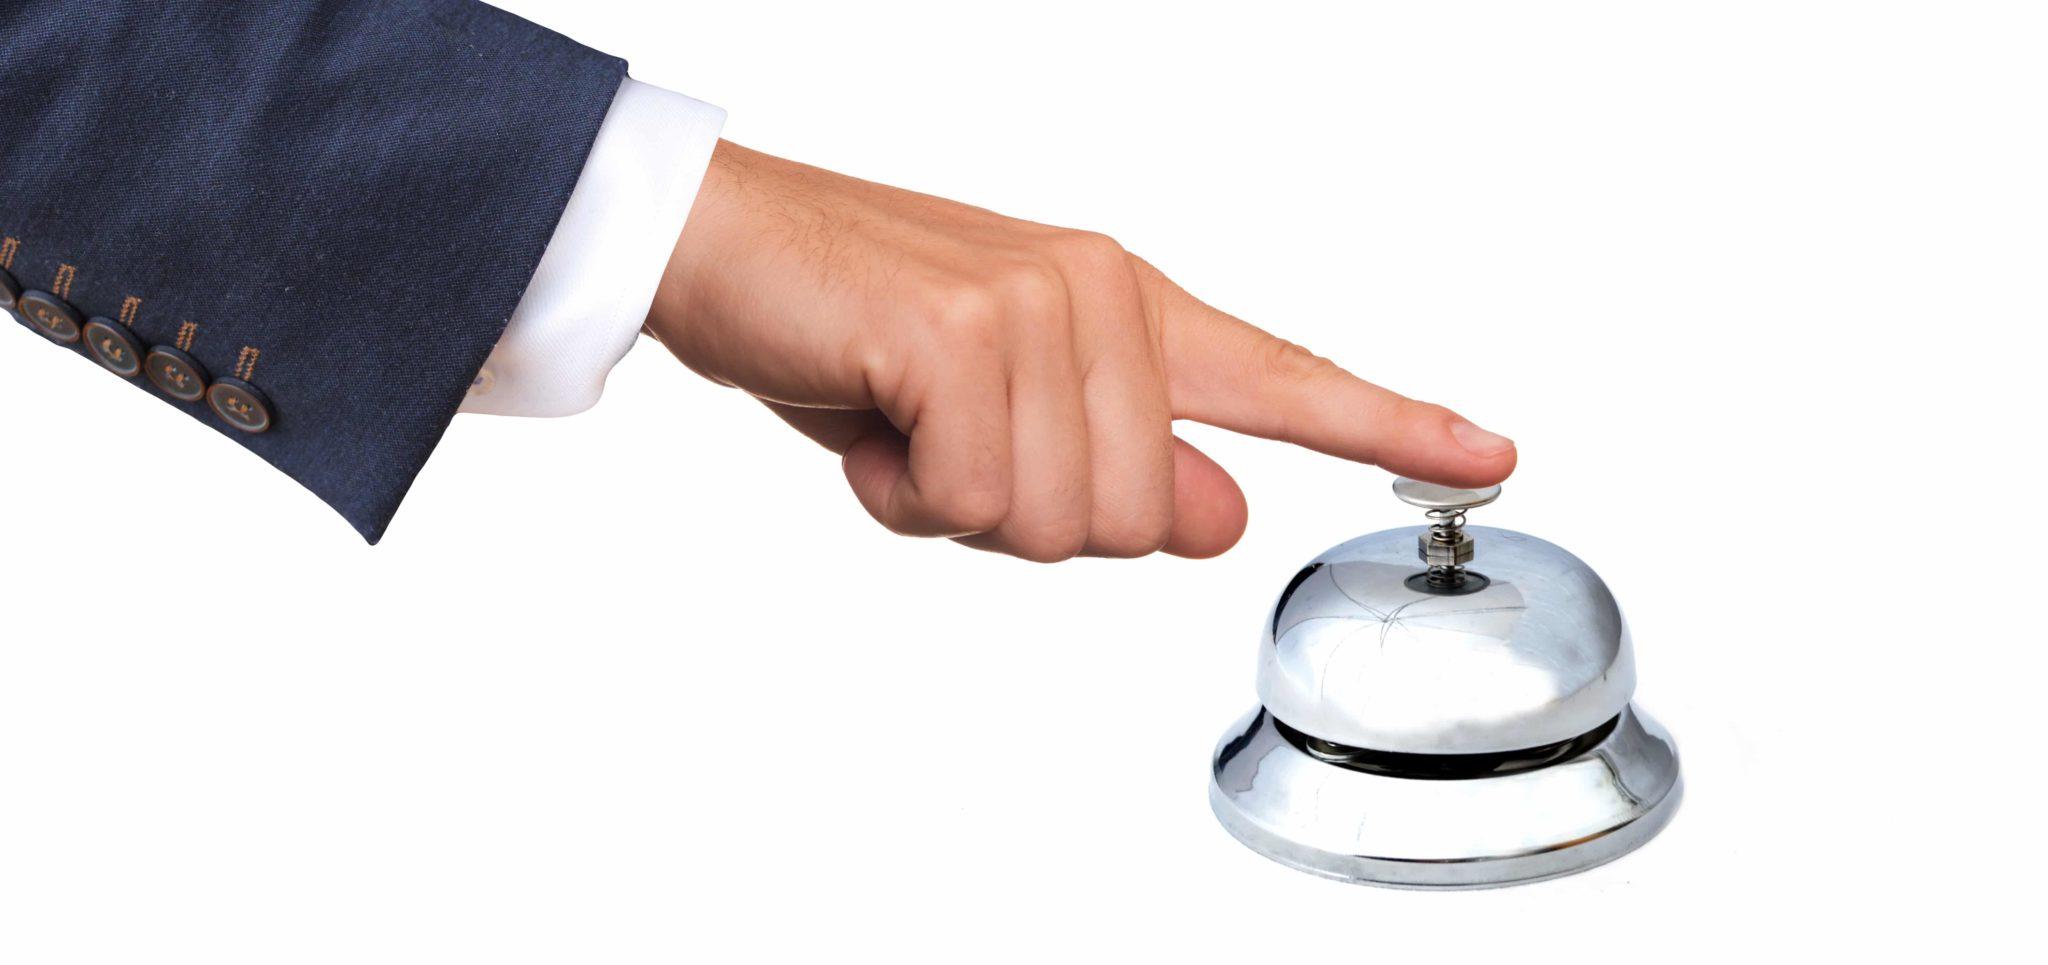 Um Kontakt mit dem Service aufzunehmen, wird eine glockenähnliche Klingel betätigt.